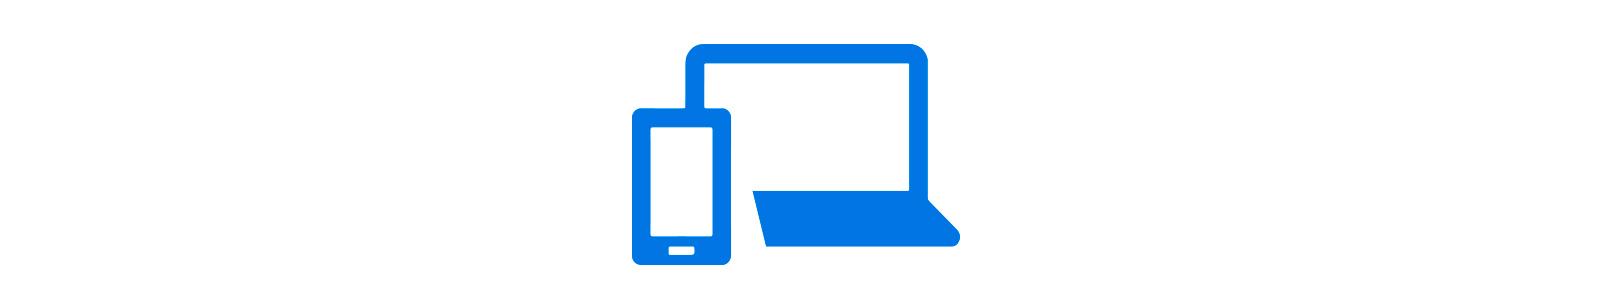 Icône Continuum pour téléphones